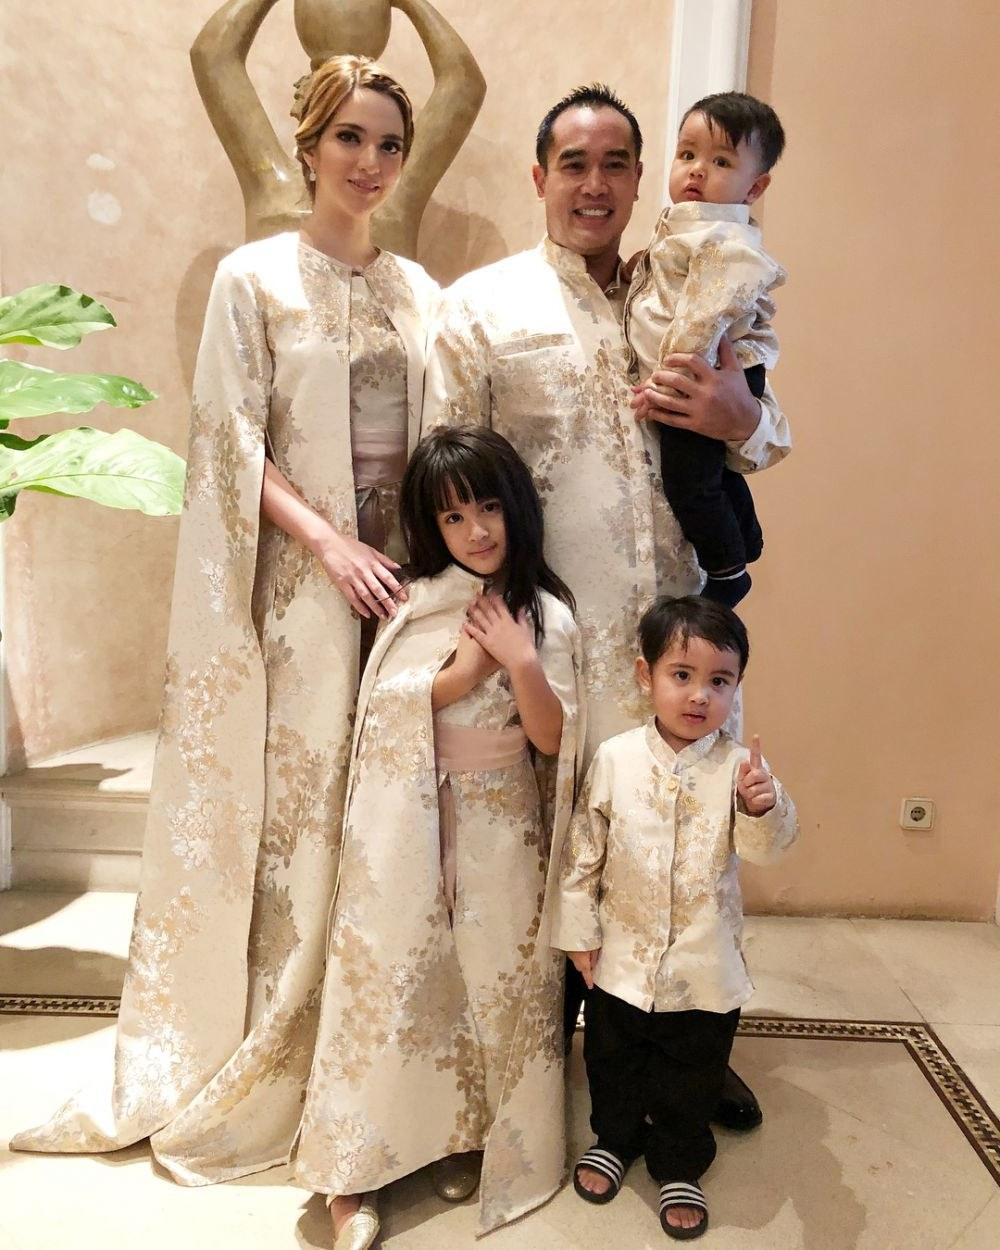 Bentuk Baju Lebaran Ibu Ibu Nkde Potret 16 Seleb Pakai Baju Kembaran Saat Lebaran Kompak Abis